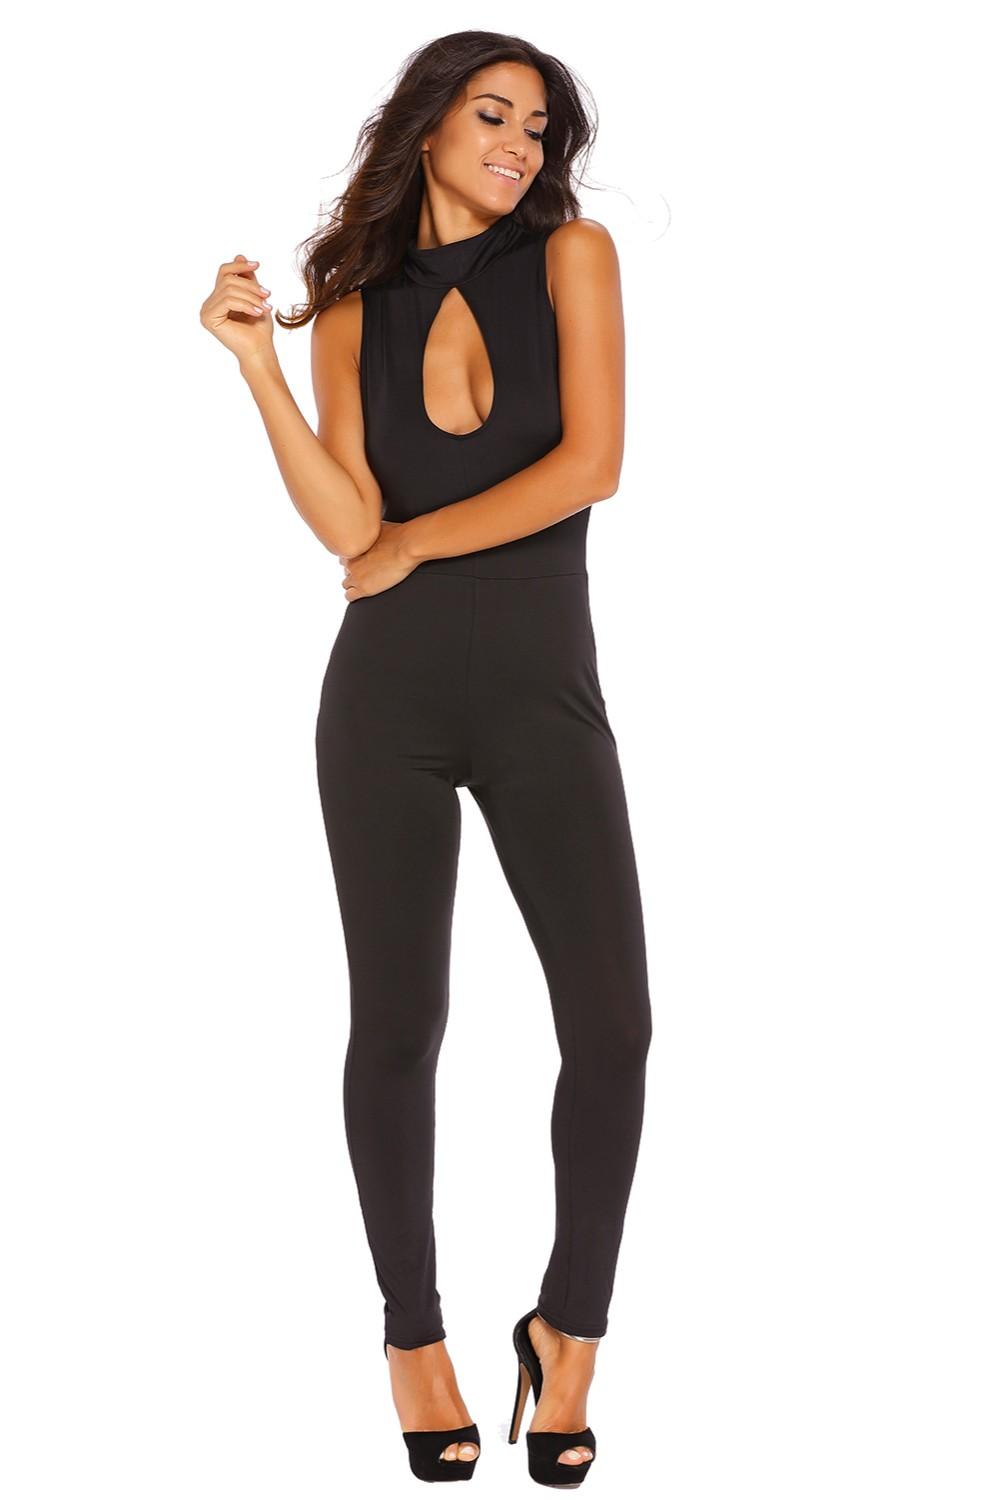 Black-Pee-hole-Bust-Sleeveless-Jumpsuit-LC64033-2-7